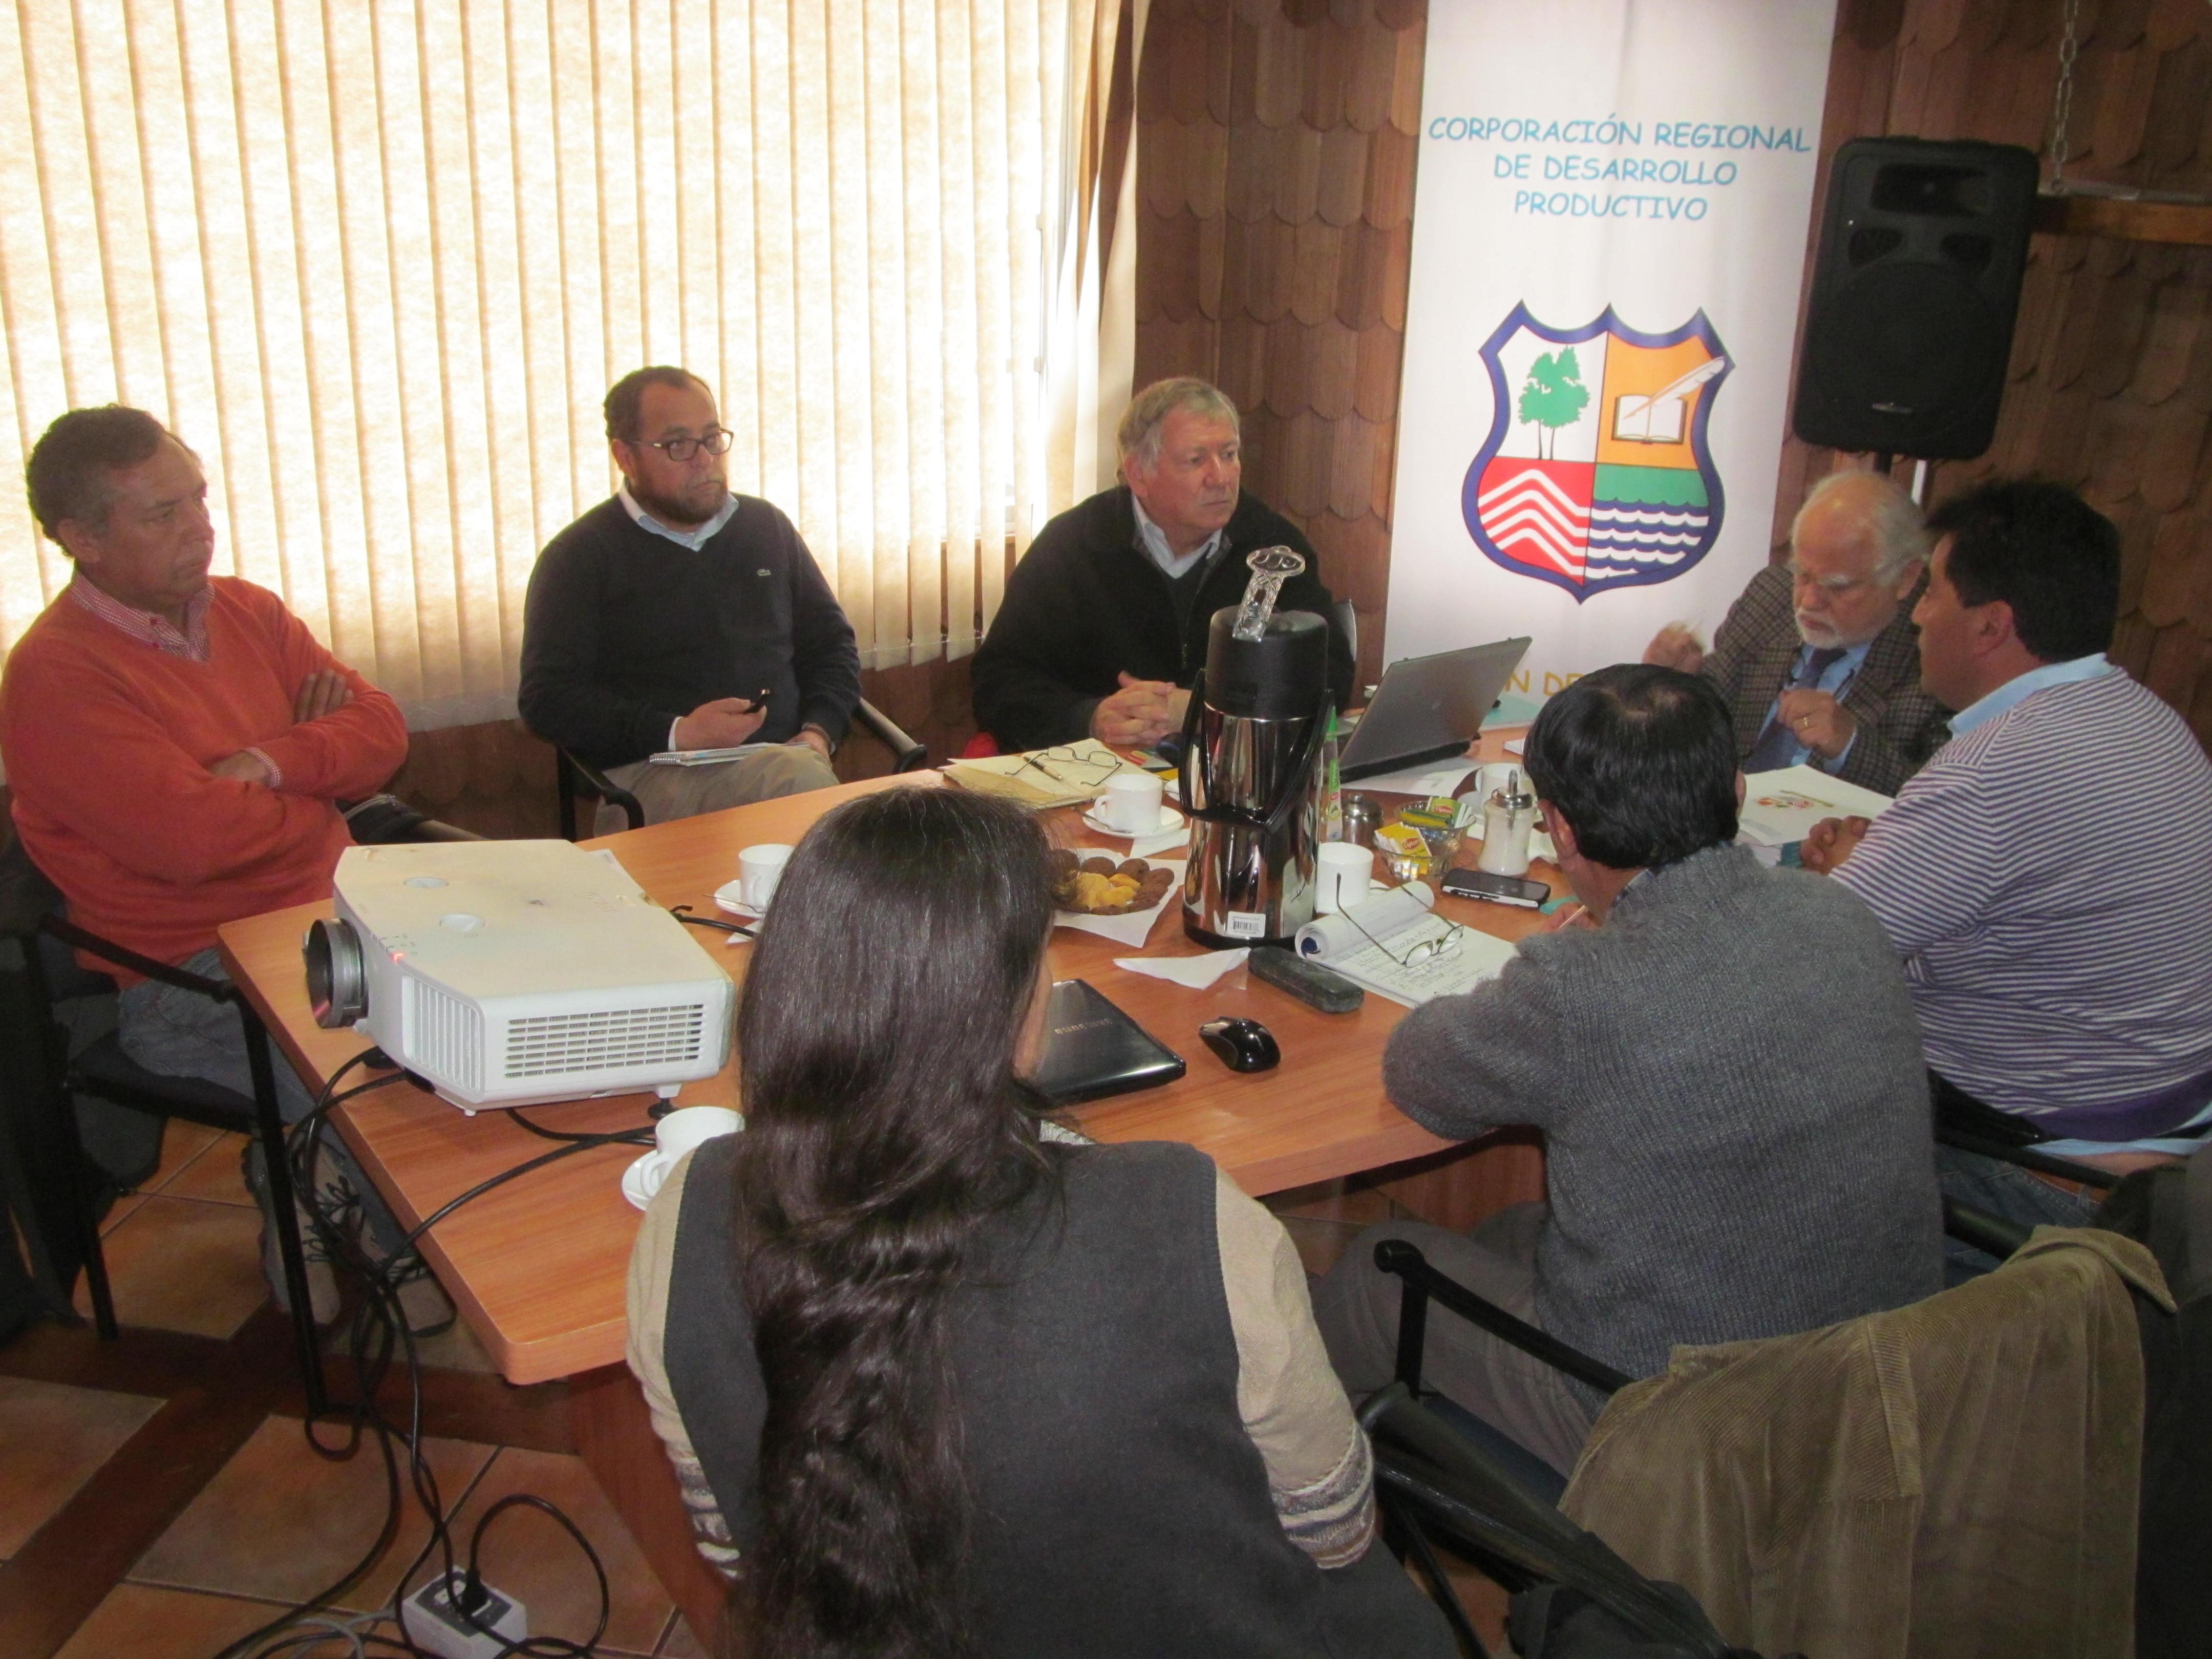 Ambicioso plan maestro impulsa la Corporación Regional de Desarrollo Productivo